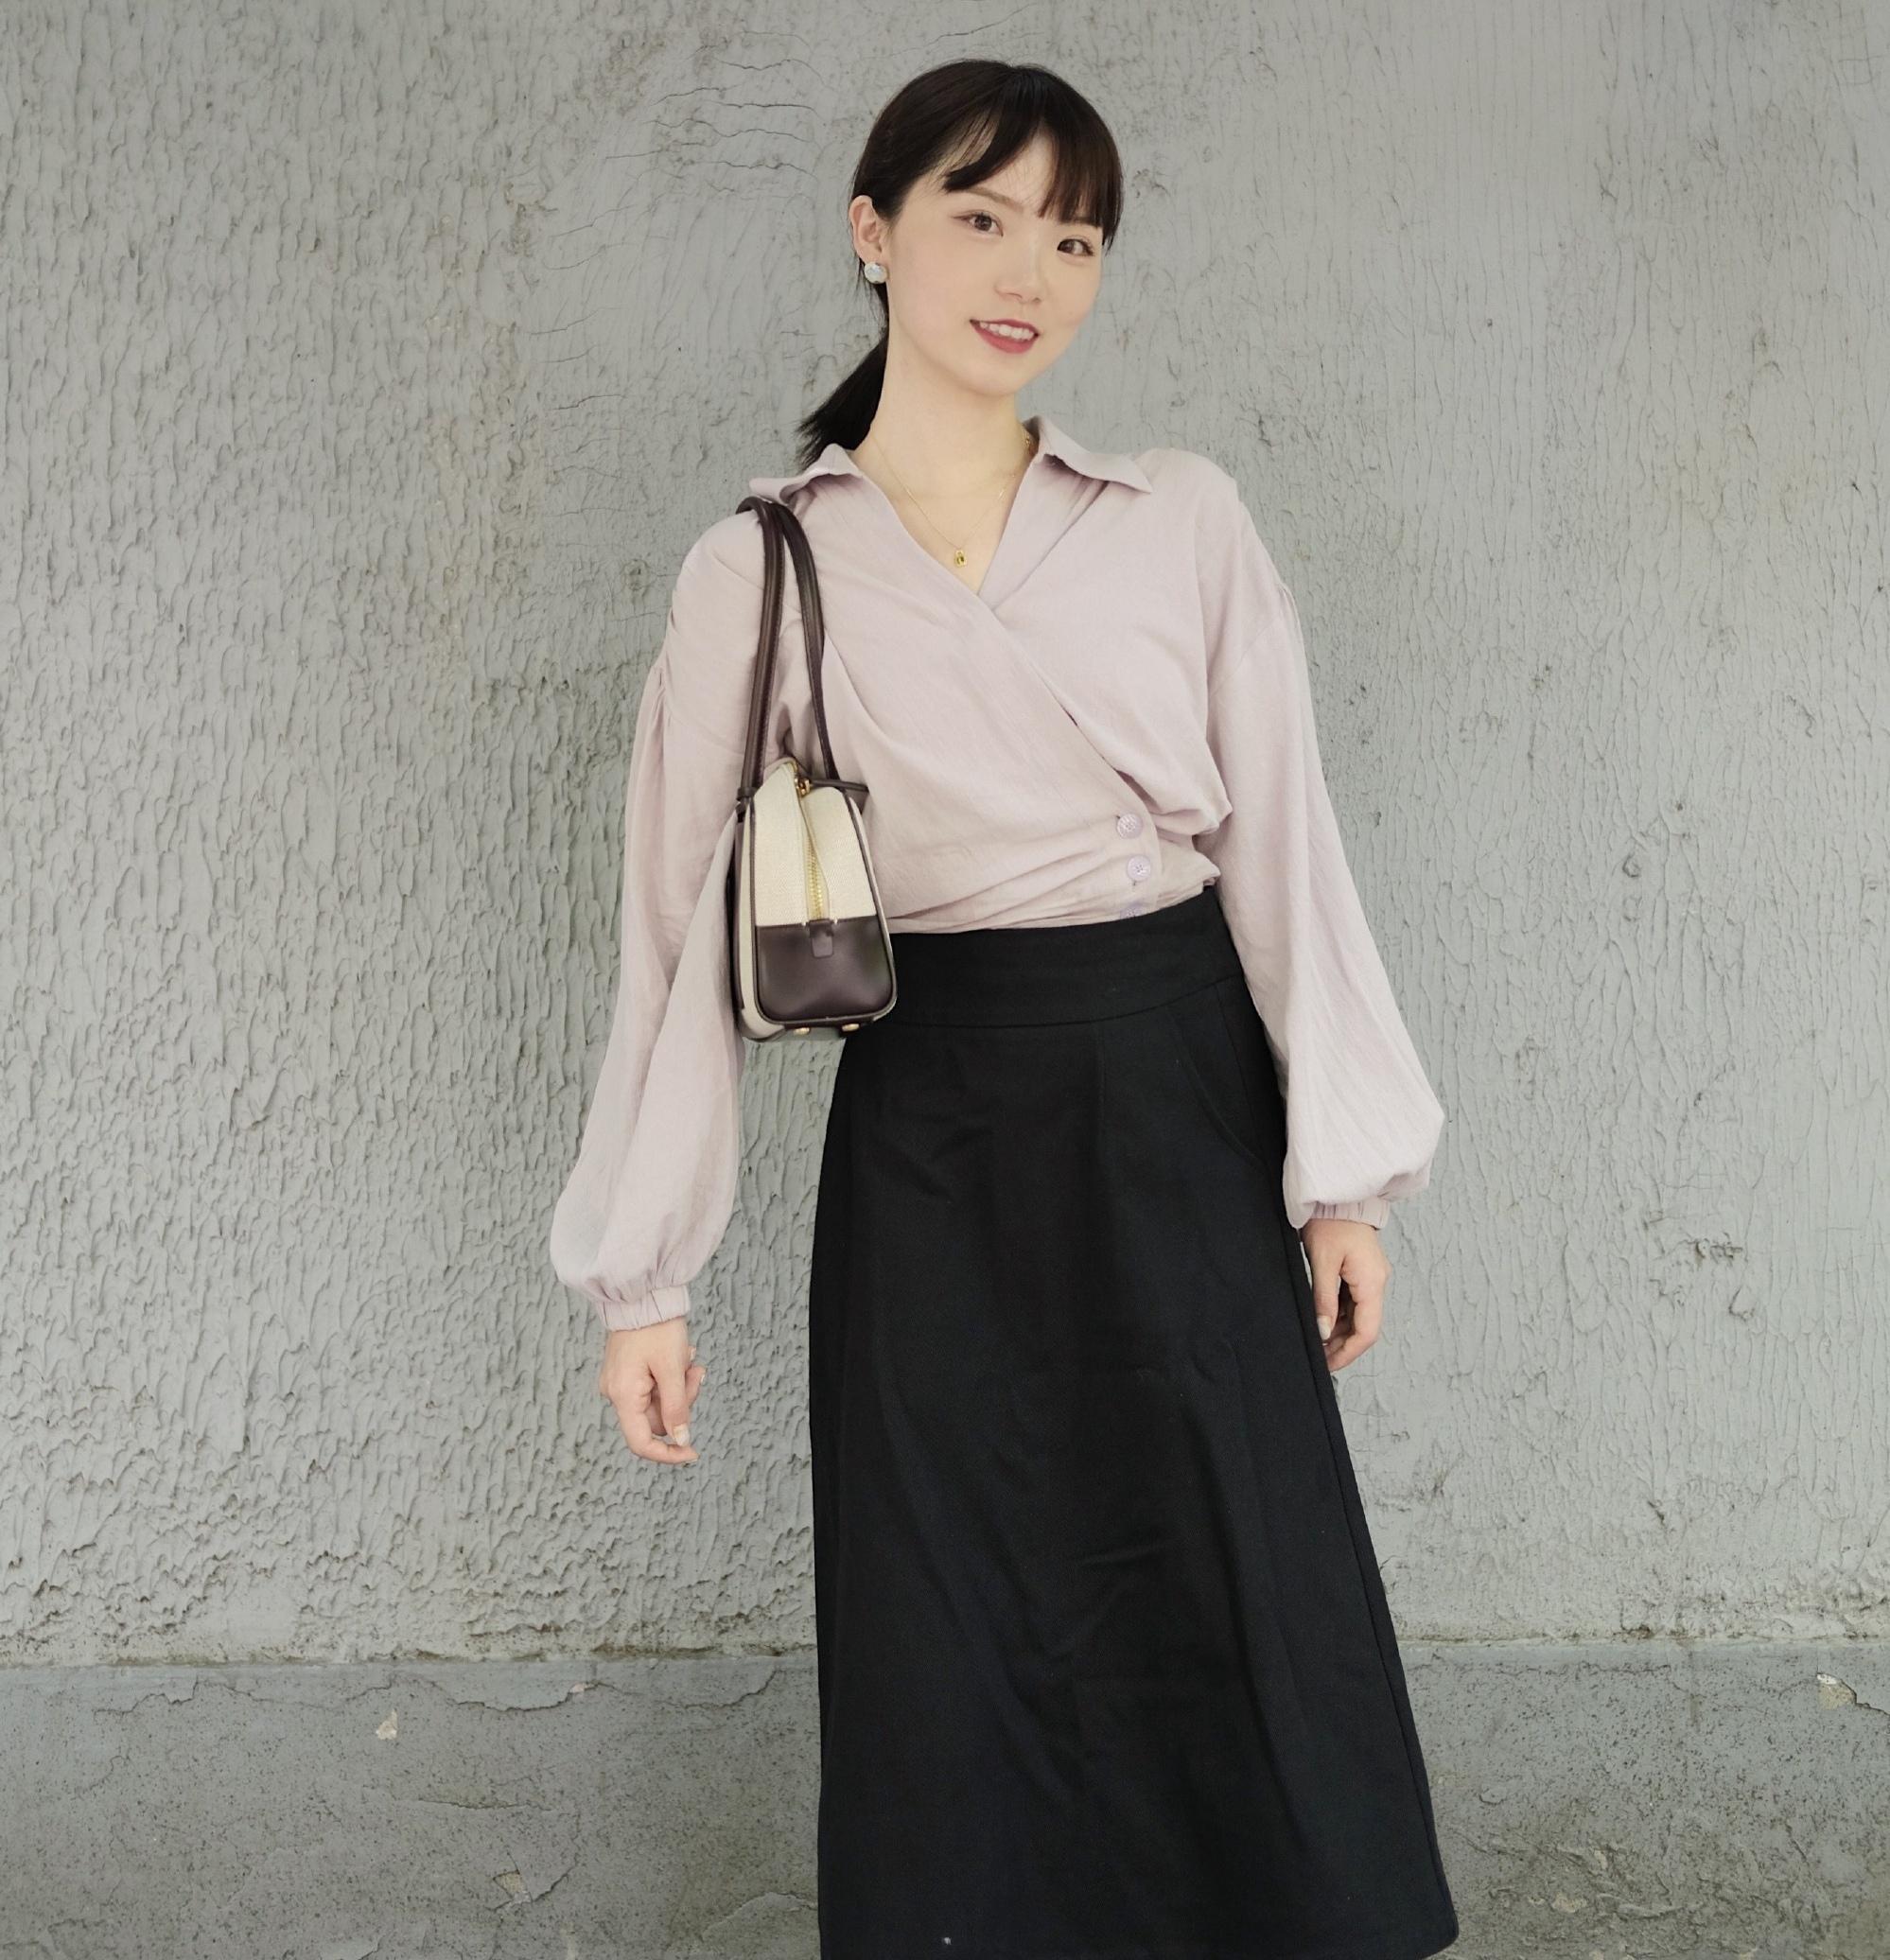 更适合成熟女性的知性优雅穿搭法,优雅衬衣+清新文艺